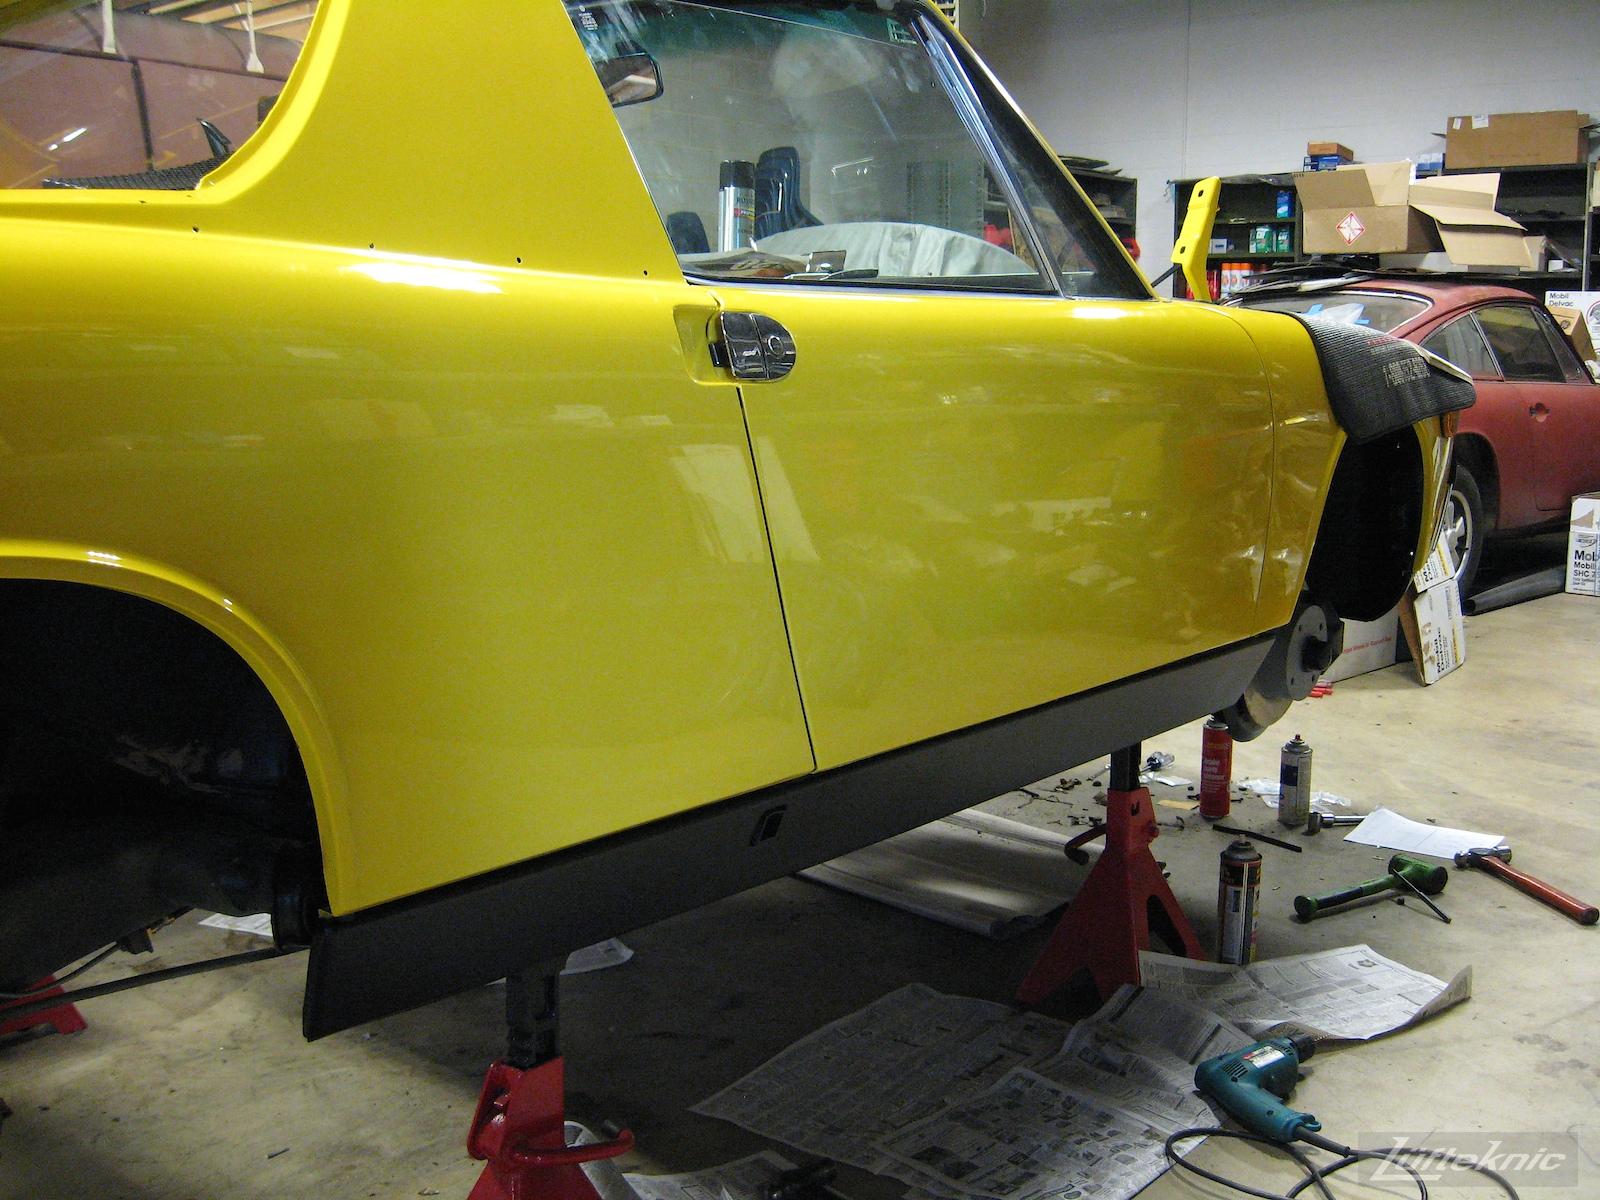 Black rocker panels shown on a restored yellow Porsche 914 at Lufteknic.